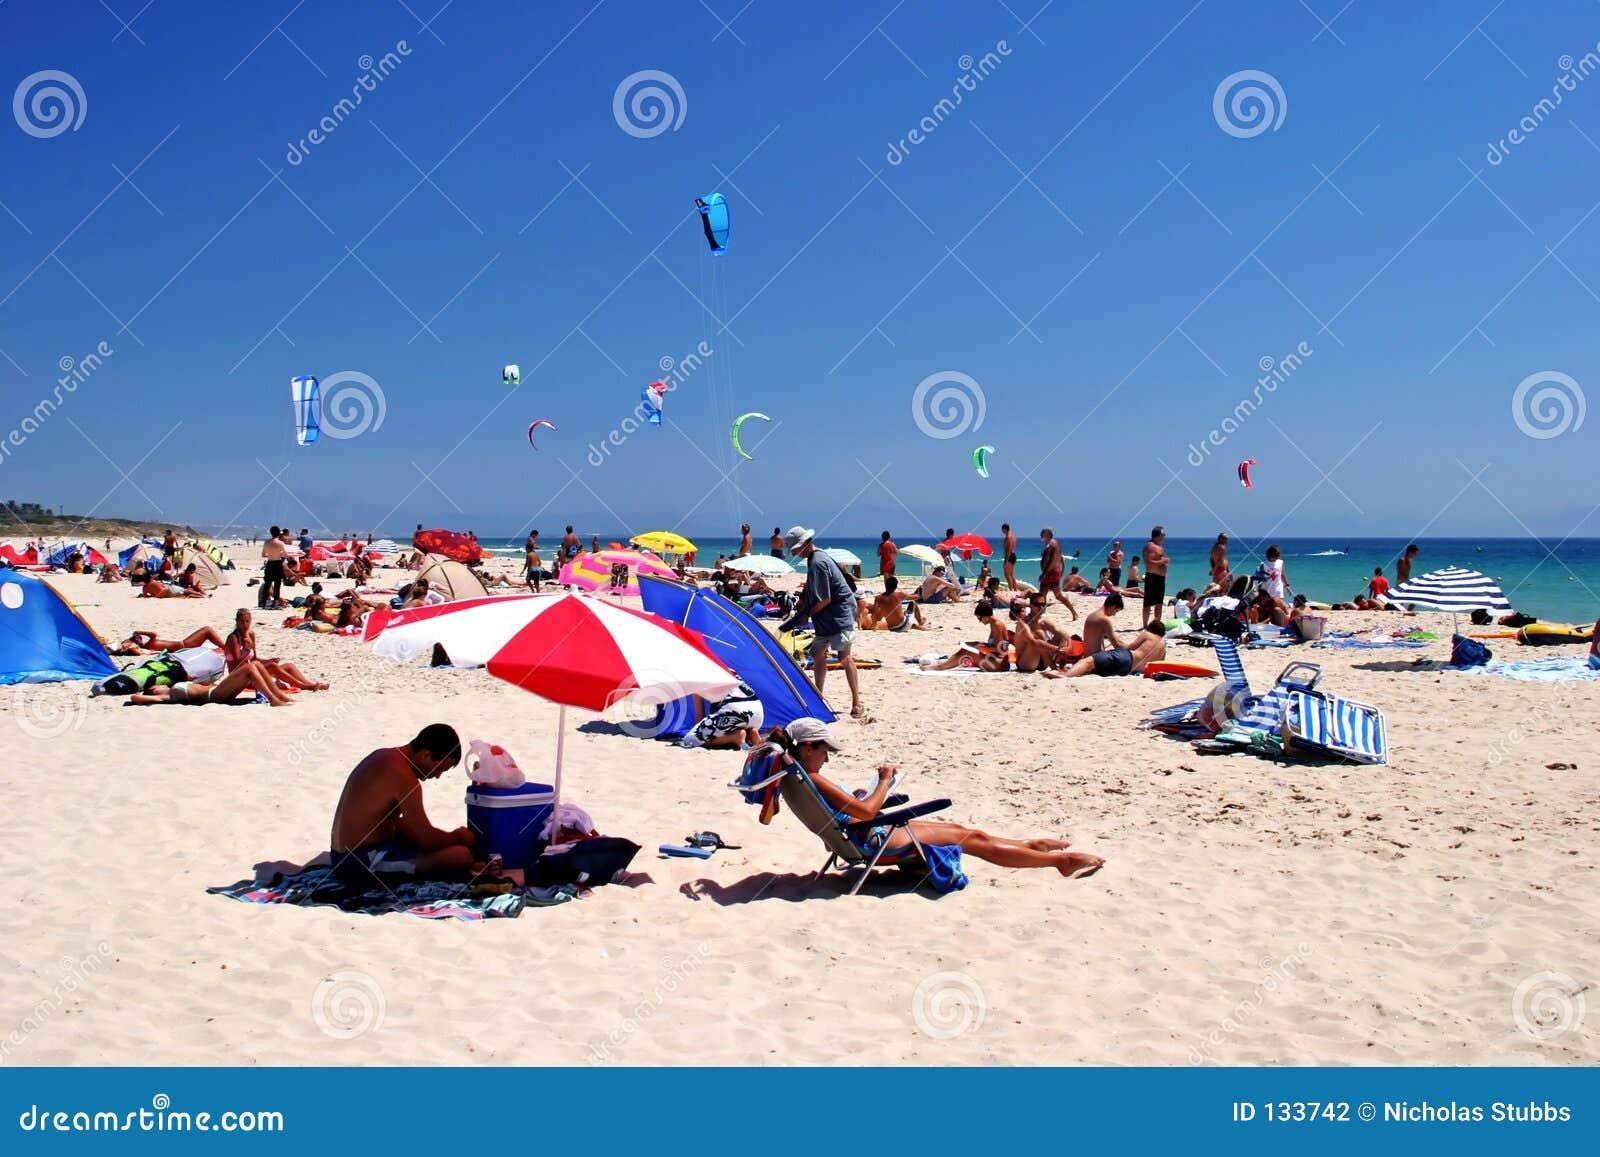 Wit, zonnig, zandig strandhoogtepunt van kitesurfers in Tarifa, Spanje